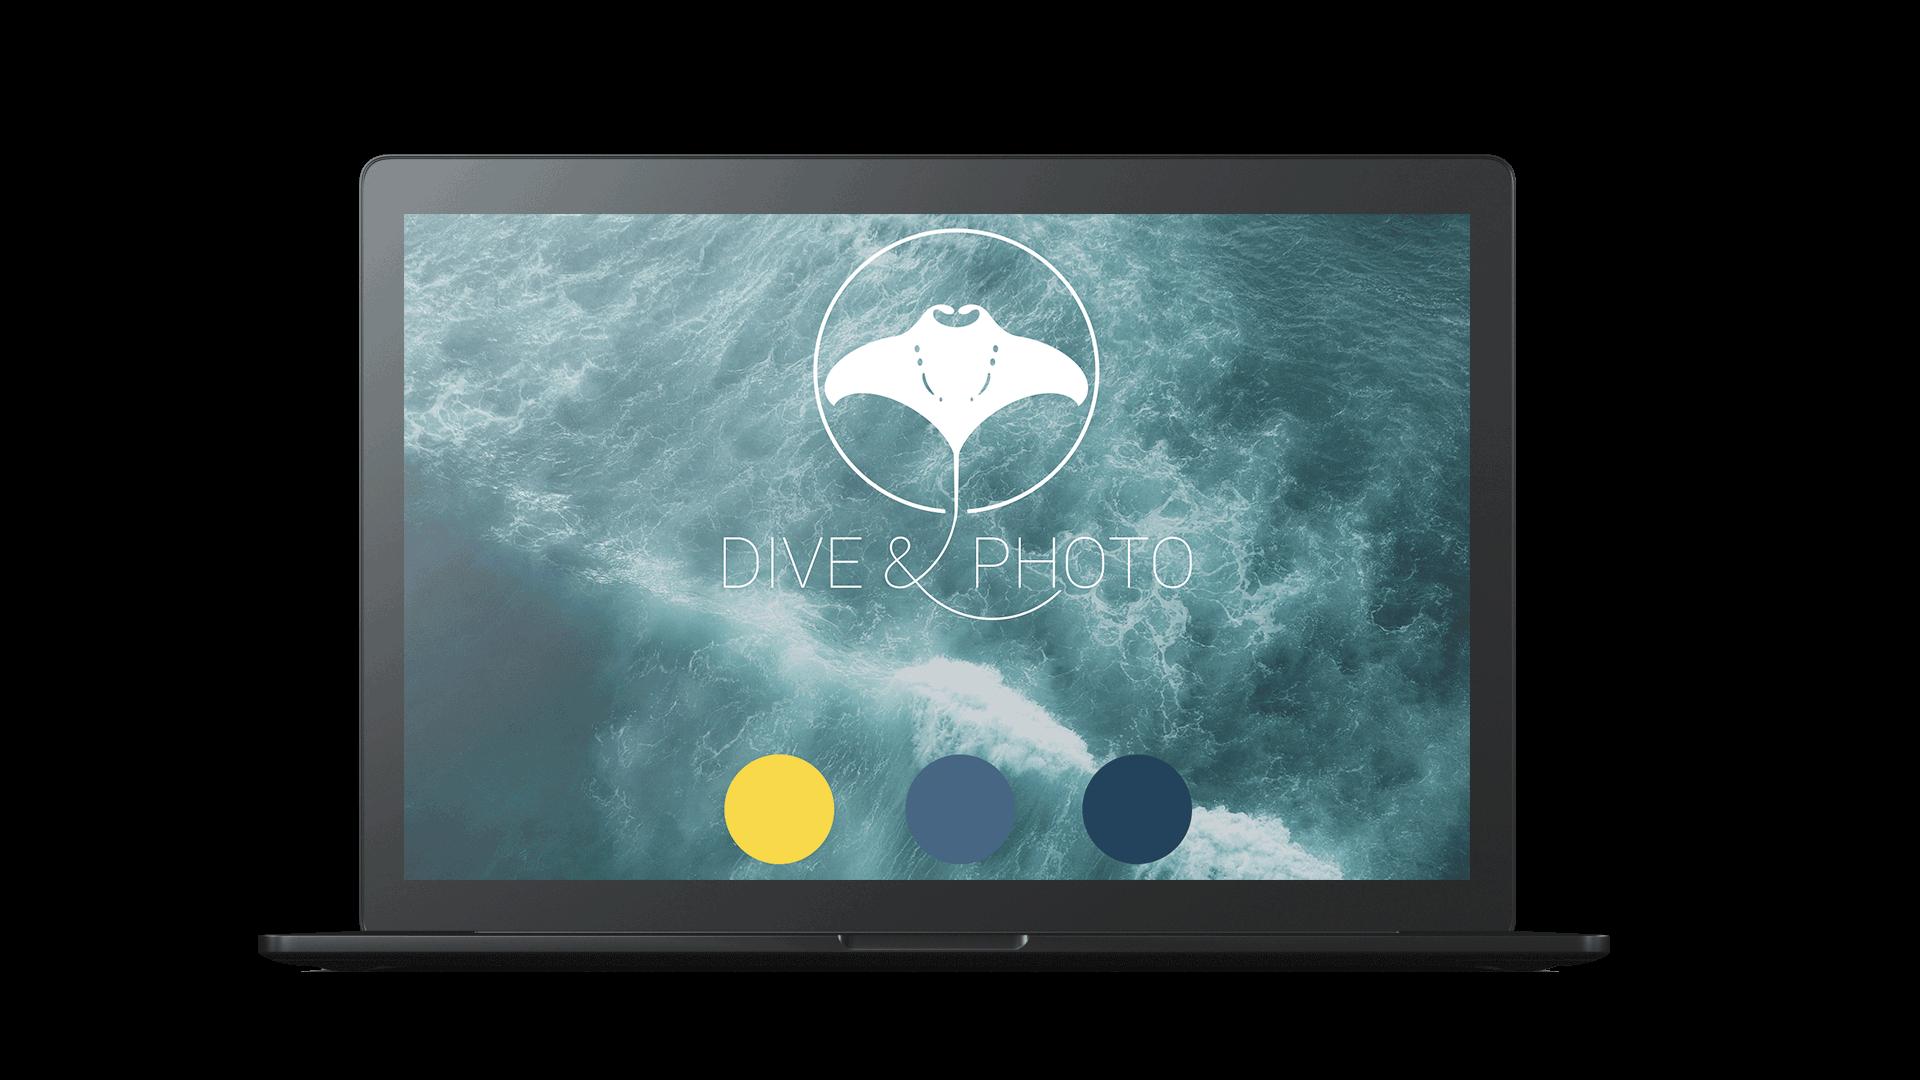 Zu sehen ist ein Macbook, auf welchem das Logo und das Design von diveandphoto abgebildet wird.